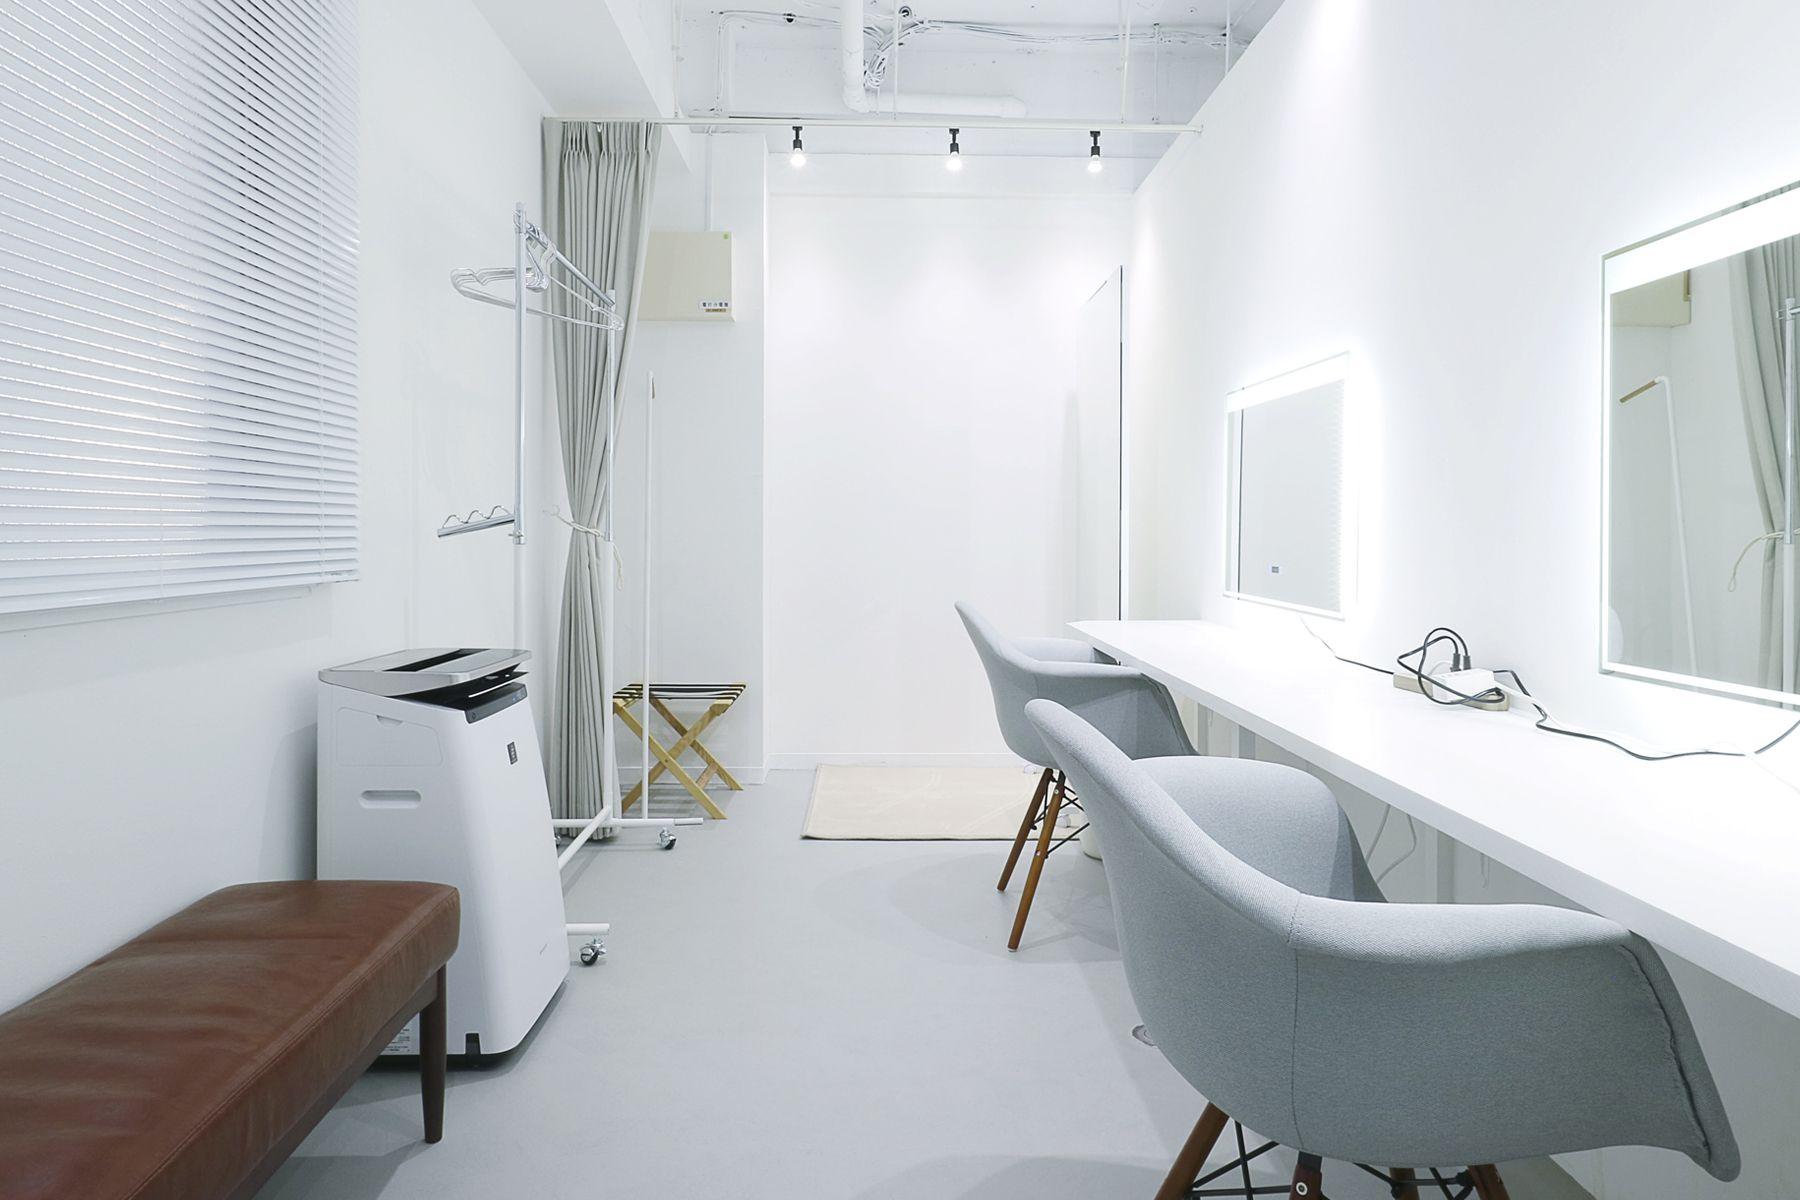 奥渋スタジオ (オクシブスタジオ)2席ある個室のメイクルーム